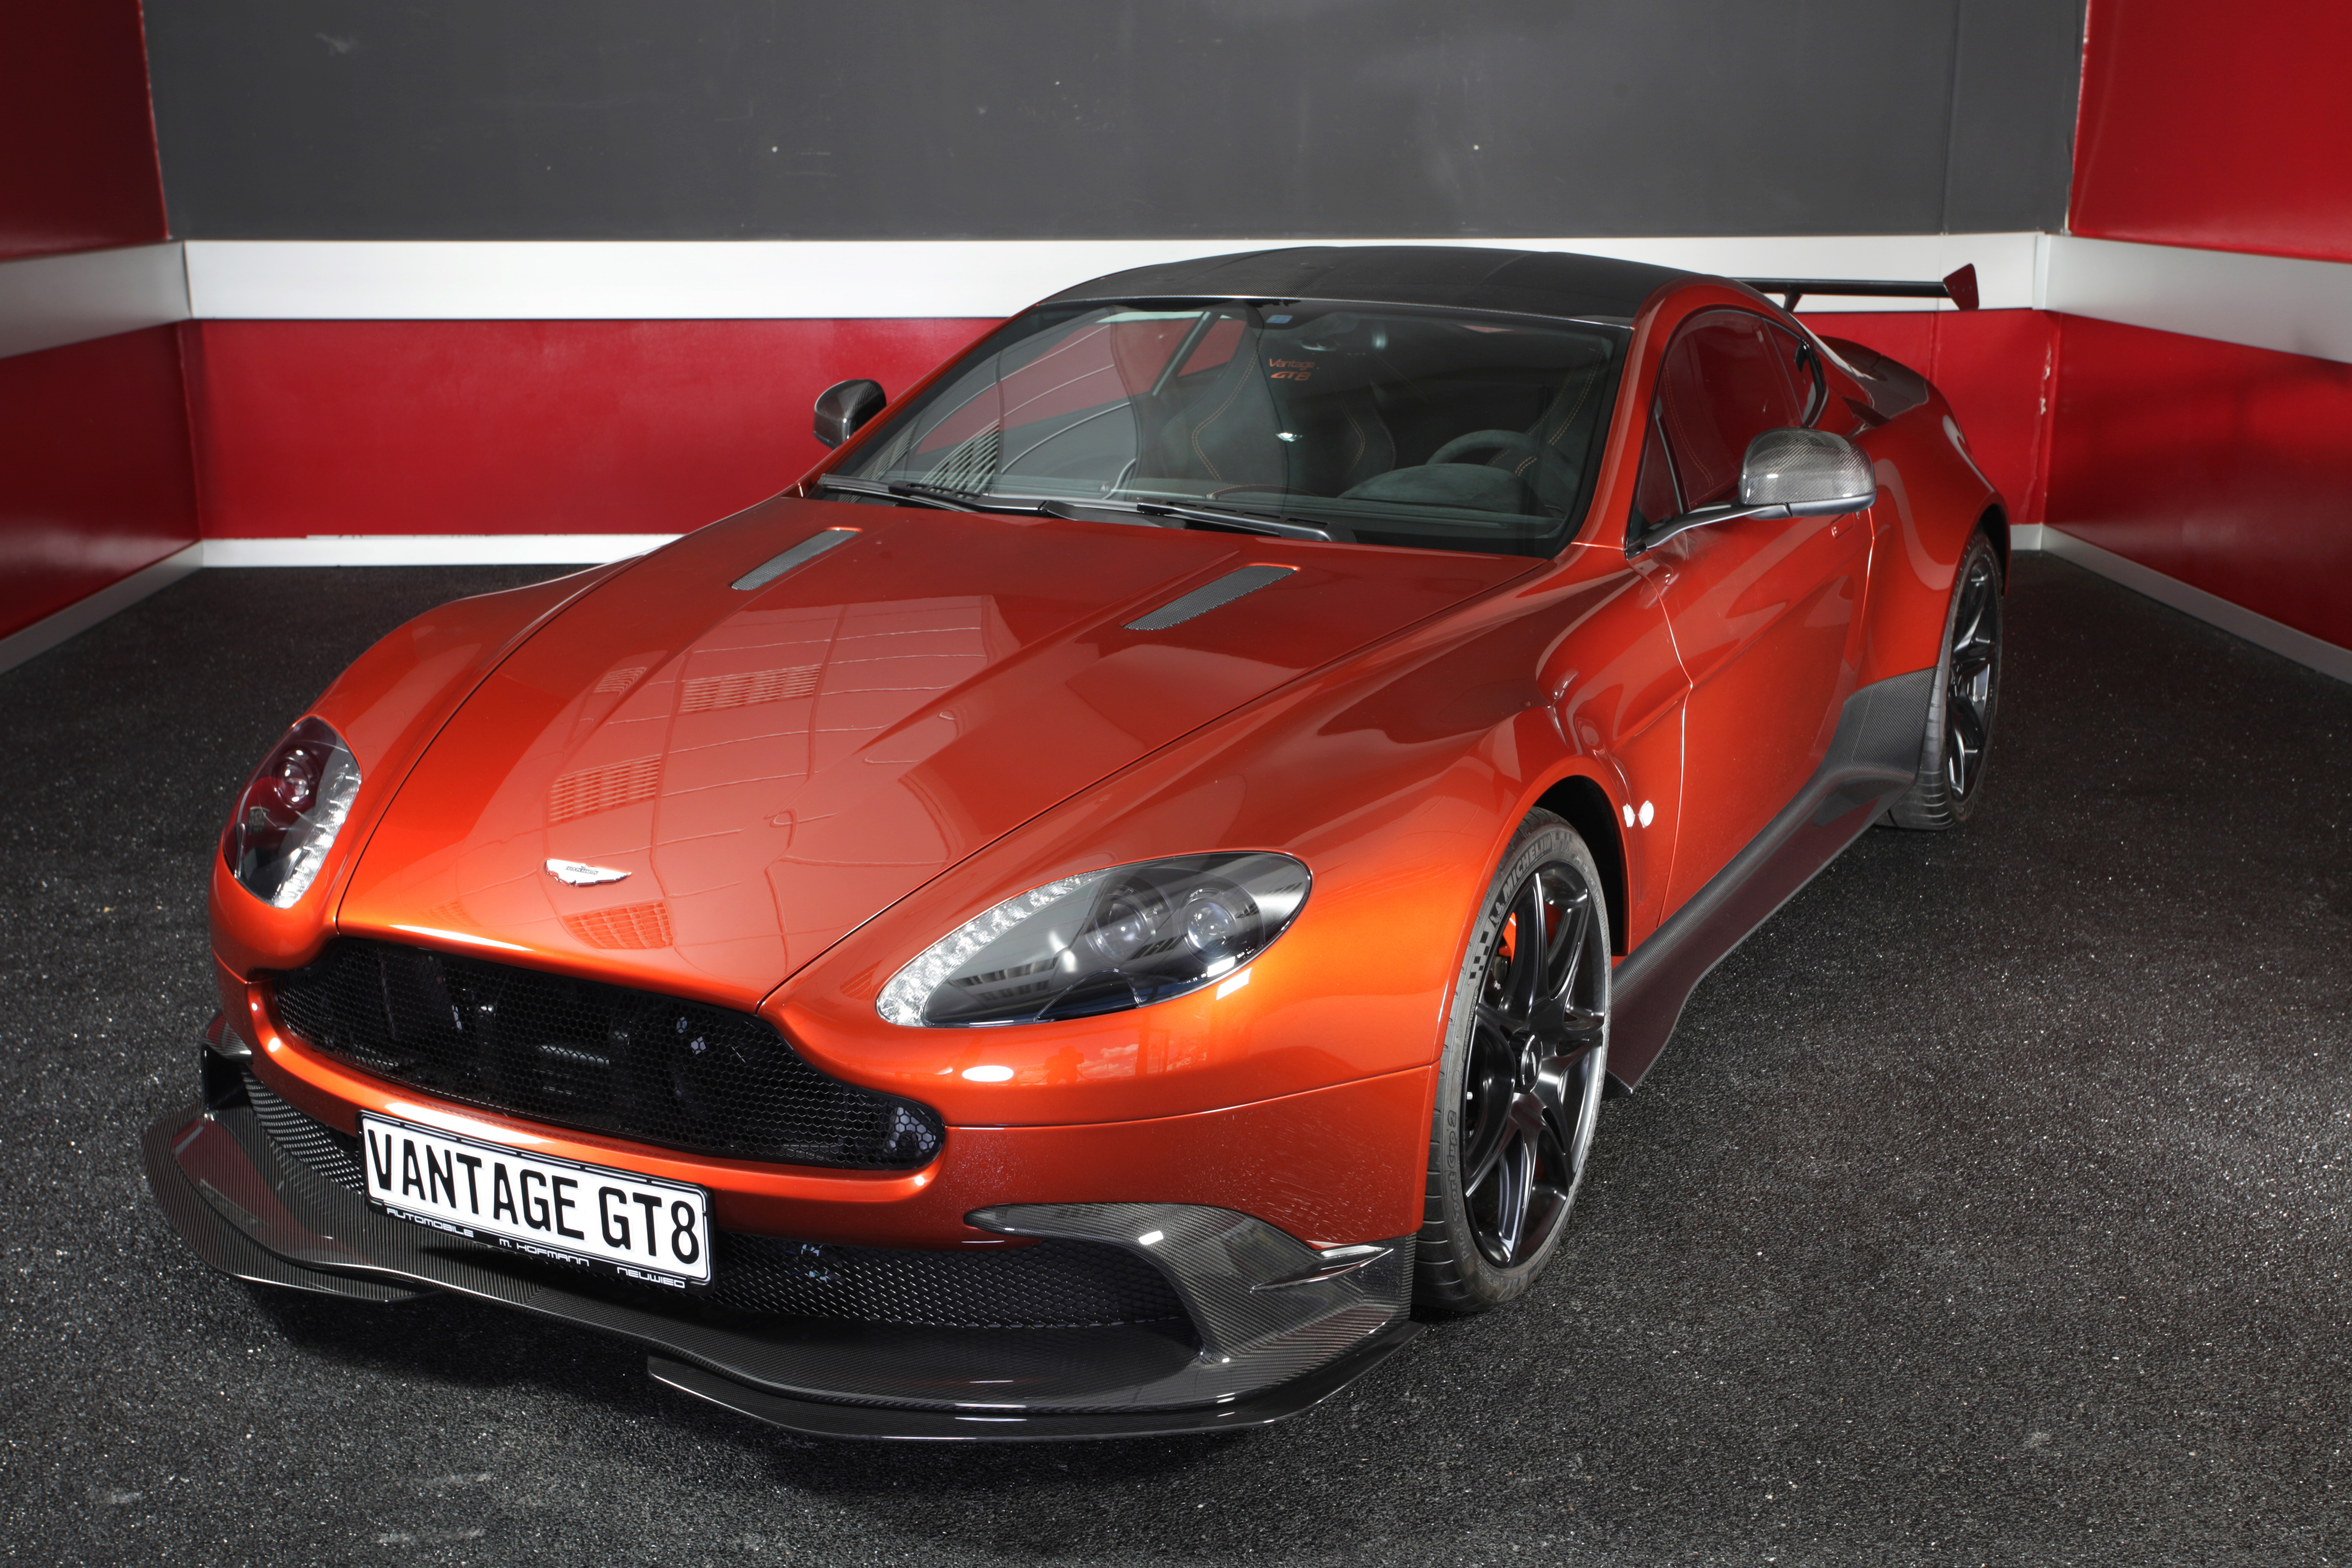 Aston Martin Gt8 Nr 149 Von 150 Mehrwertsteuer Ausweisbar 280 000280 000 Hofmann Automobile